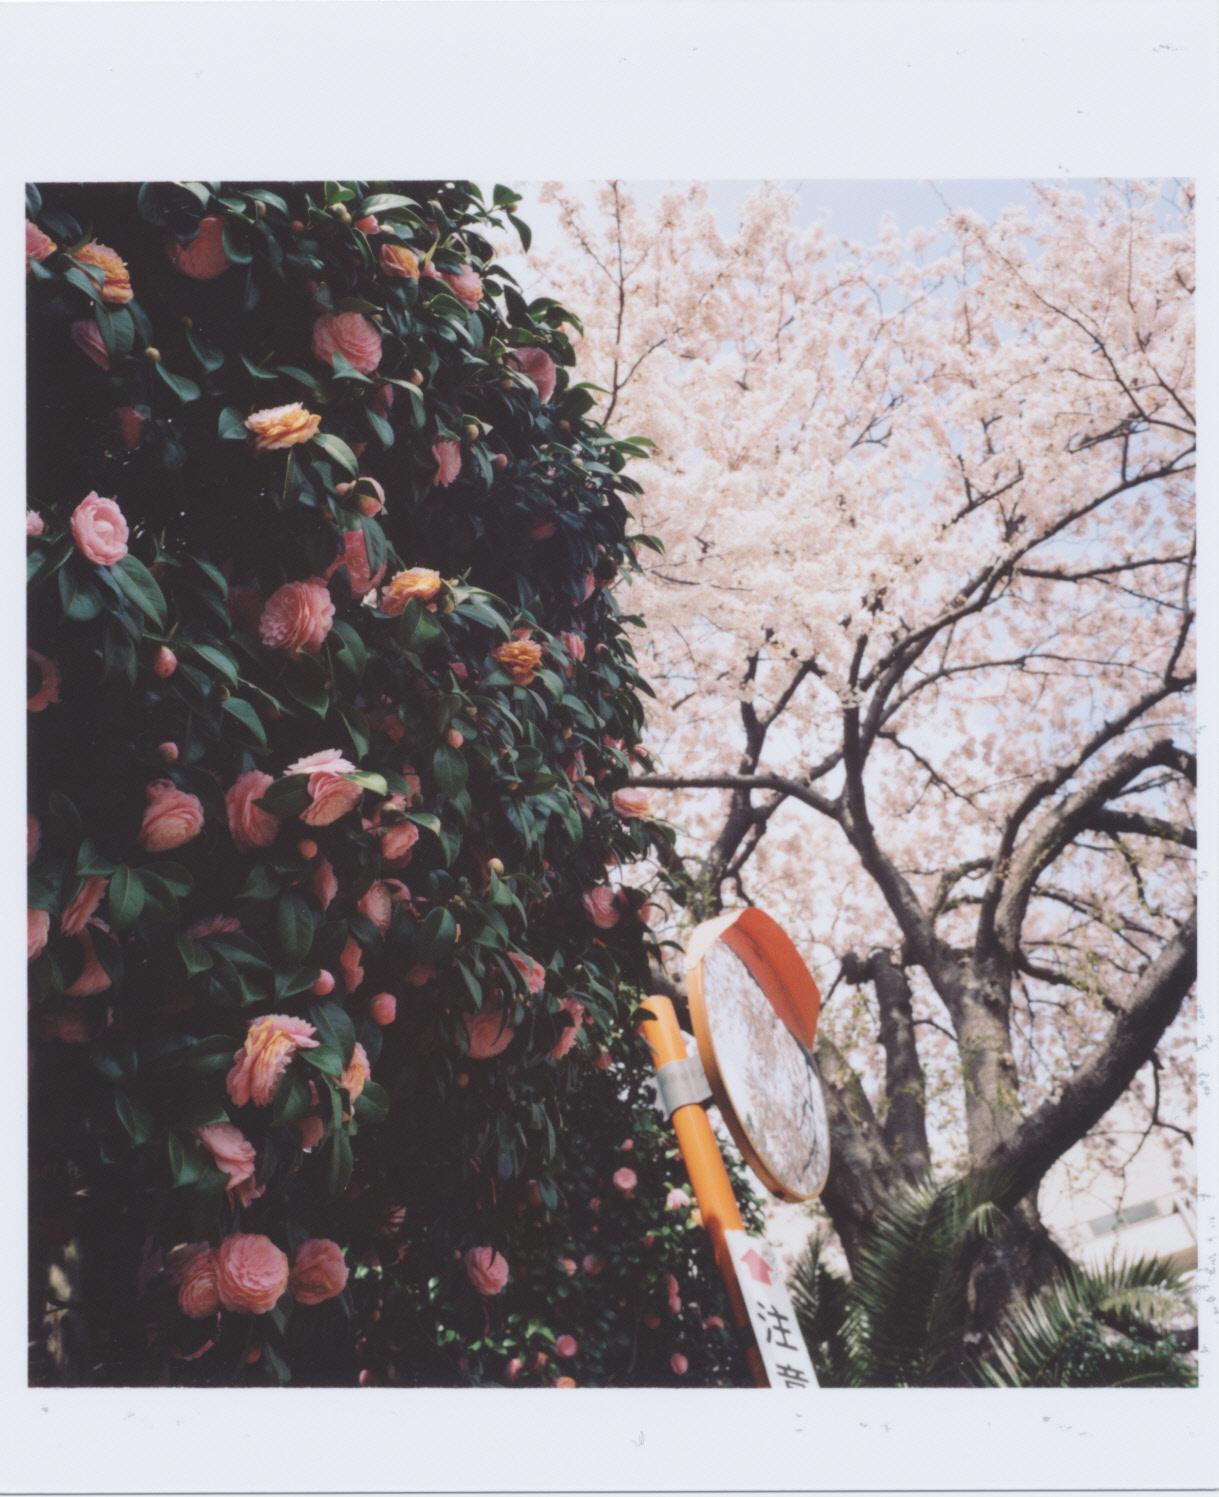 Kodak_PORTRA_400_sakura-tsubaki